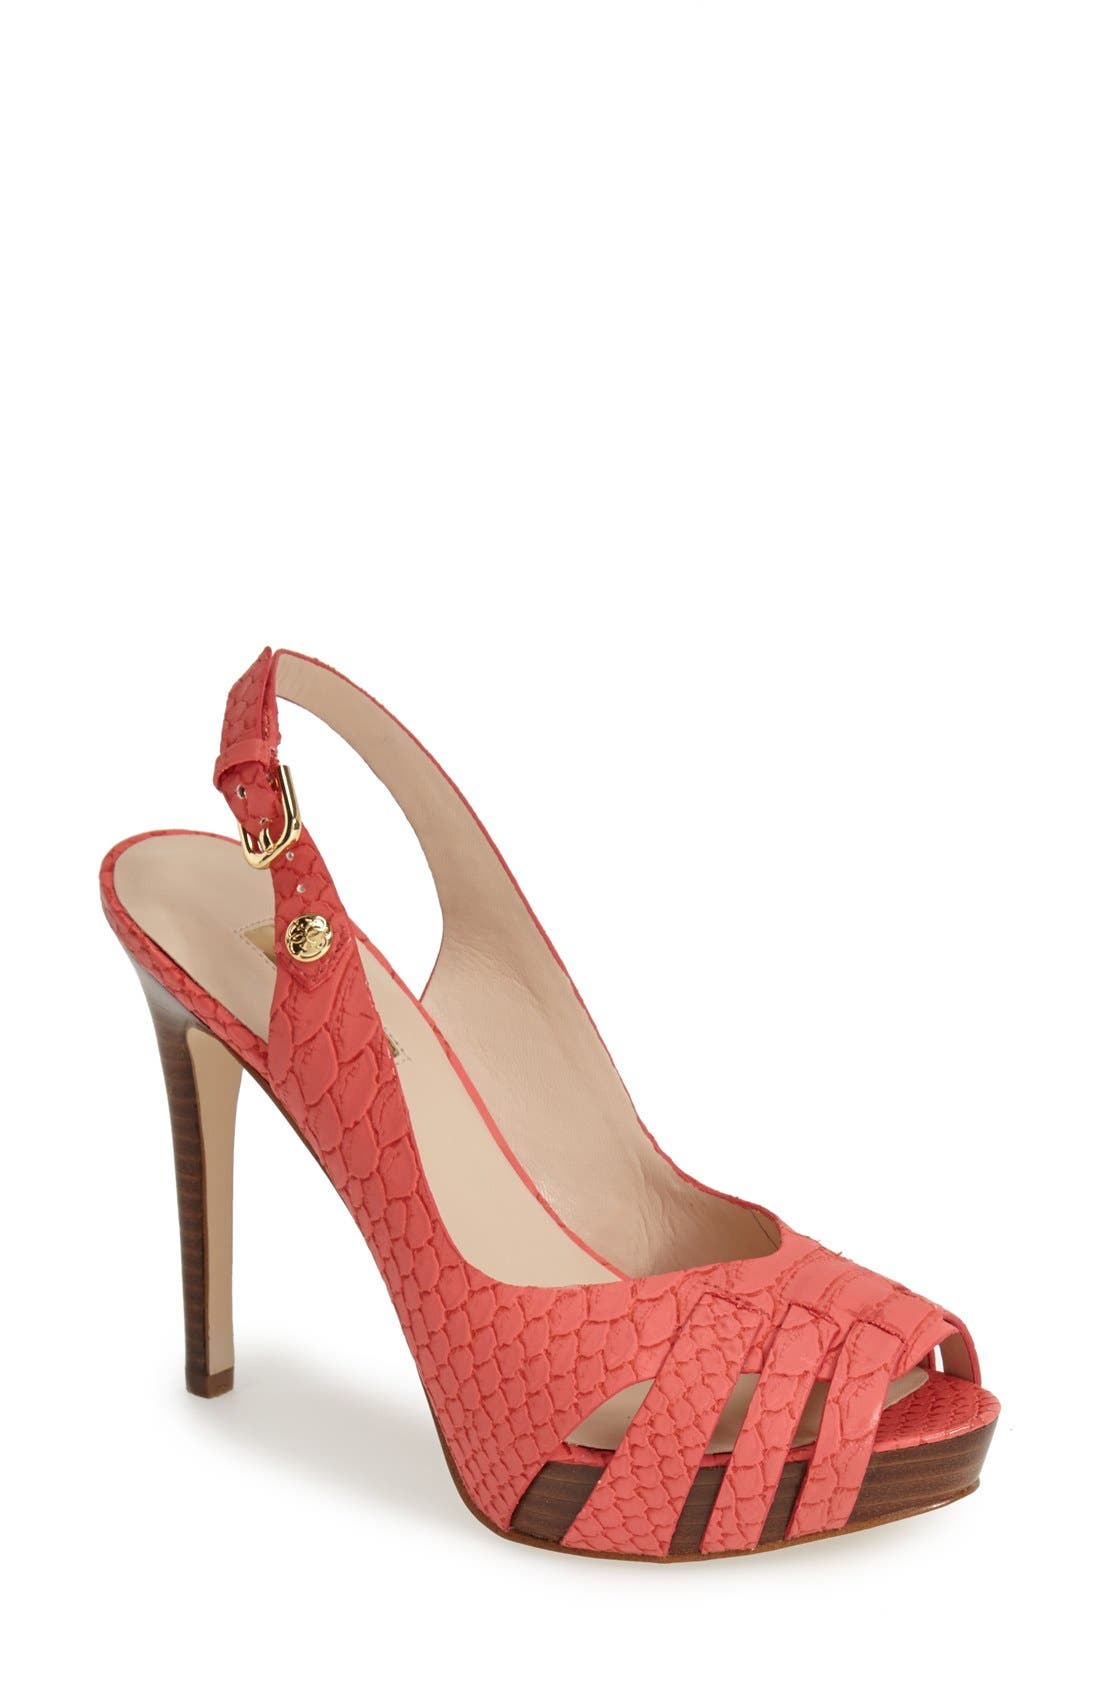 Main Image - GUESS 'Haben' Peep Toe Platform Sandal (Women)